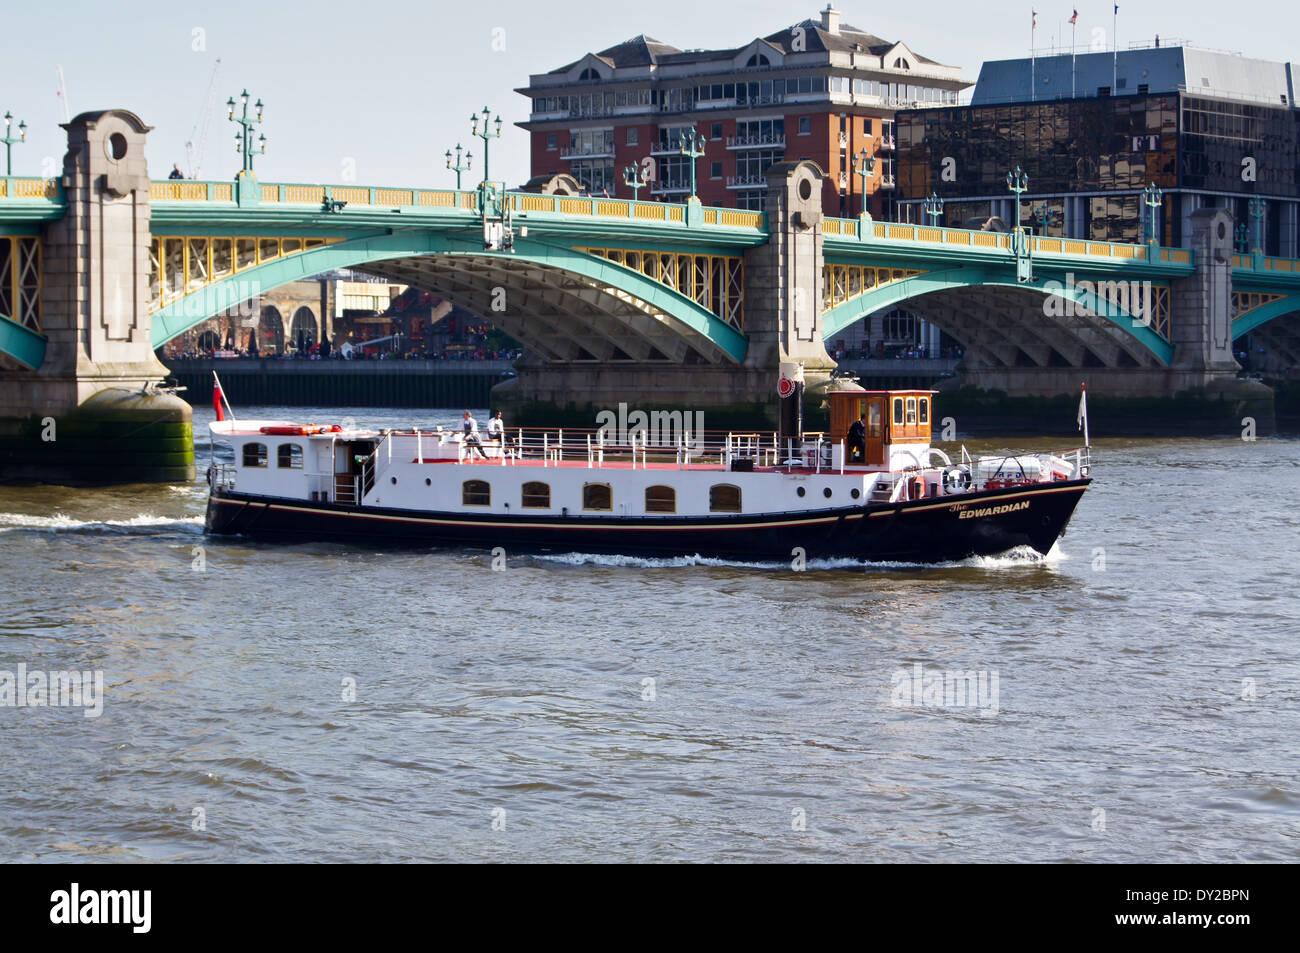 MV Edwardian River Boat On The Thames At Southwark